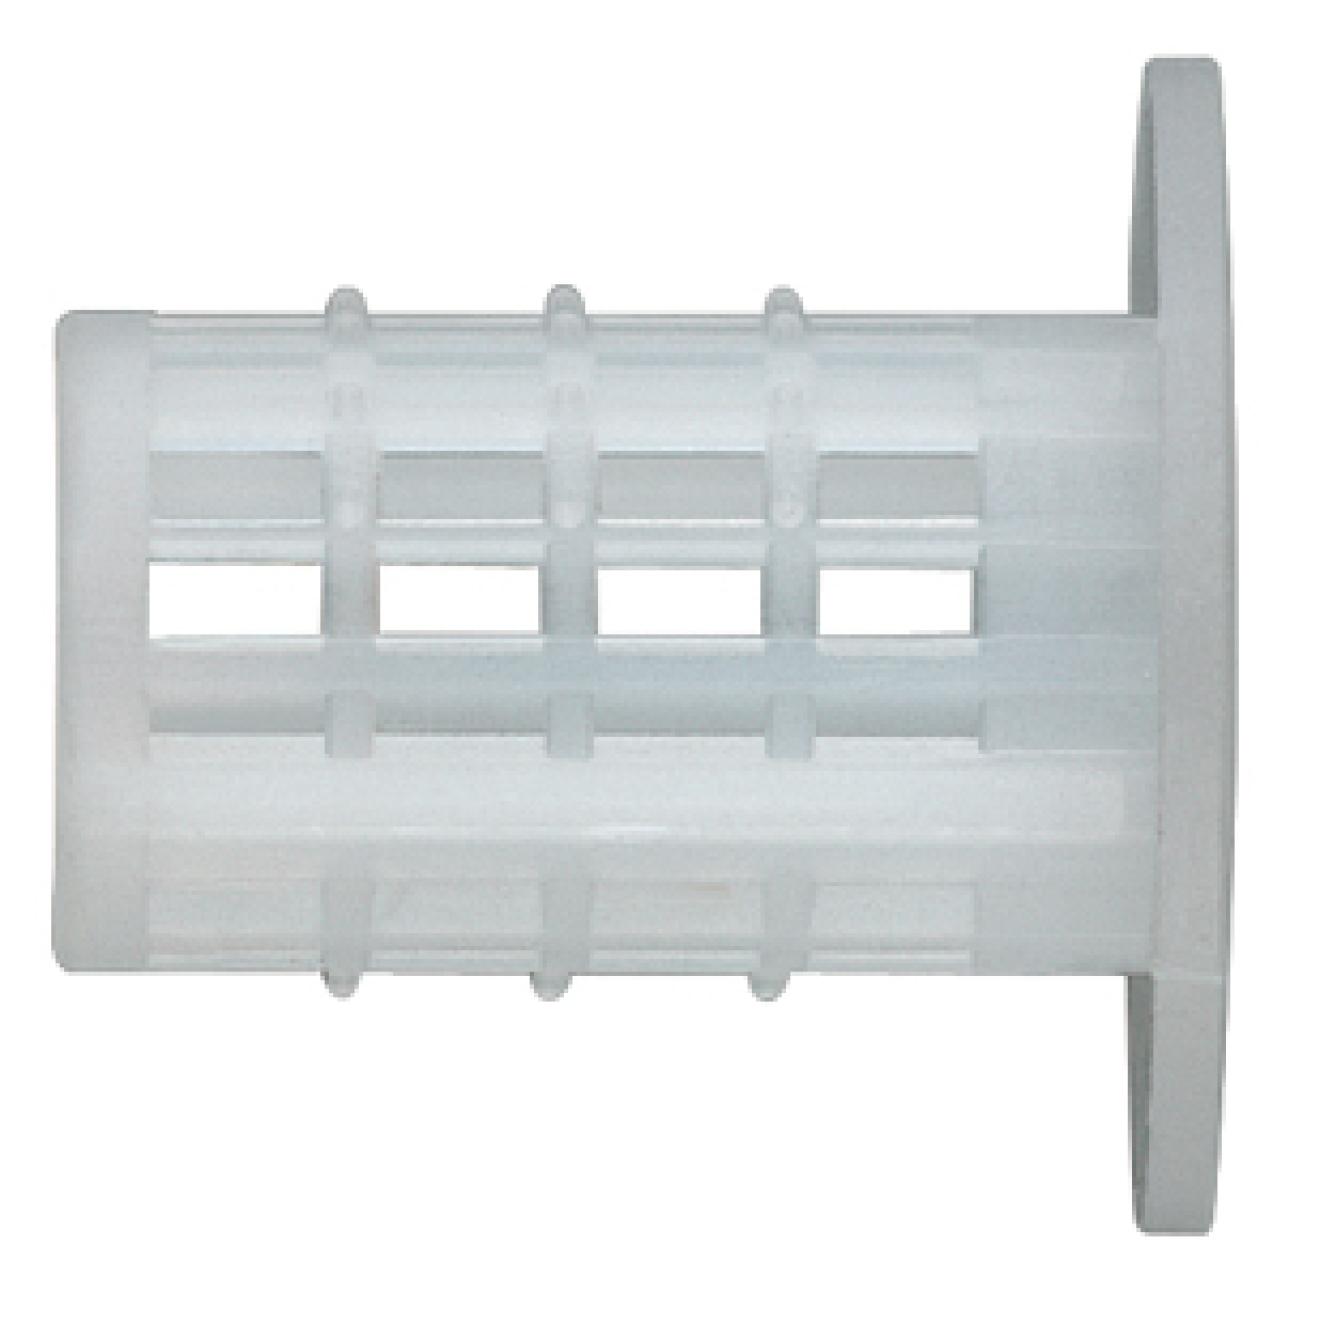 fischer injectionstechnik f porenbeton zentriert lle pbz 10 st ck schrauben g nstige. Black Bedroom Furniture Sets. Home Design Ideas